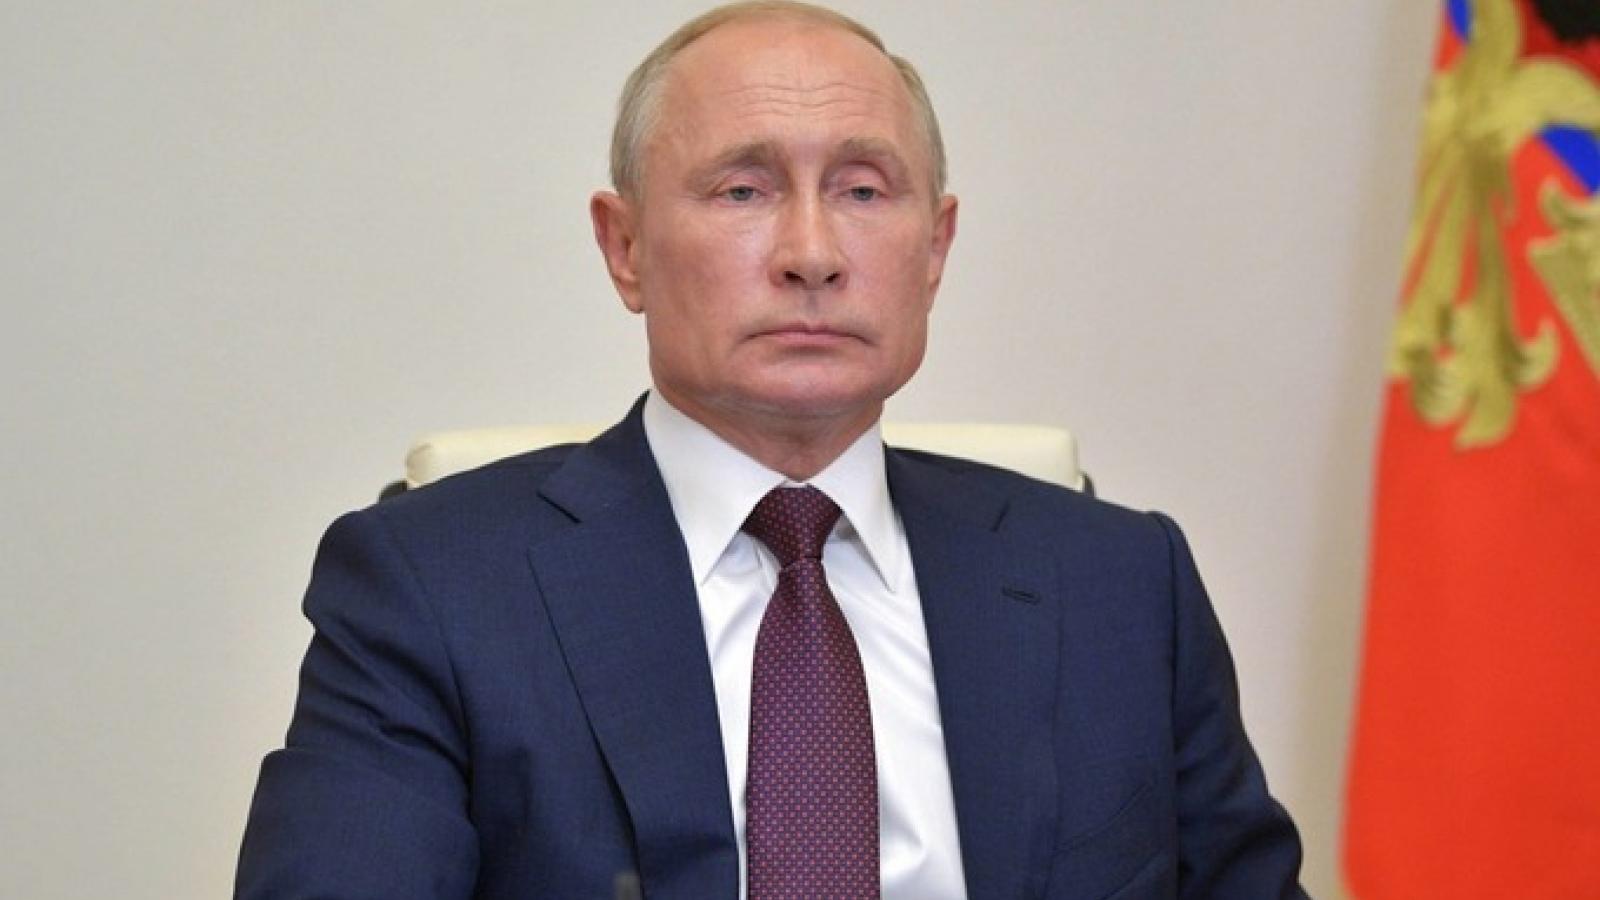 Nga cảnh báo phương Tây không can thiệp vấn đề nội bộ của Belarus